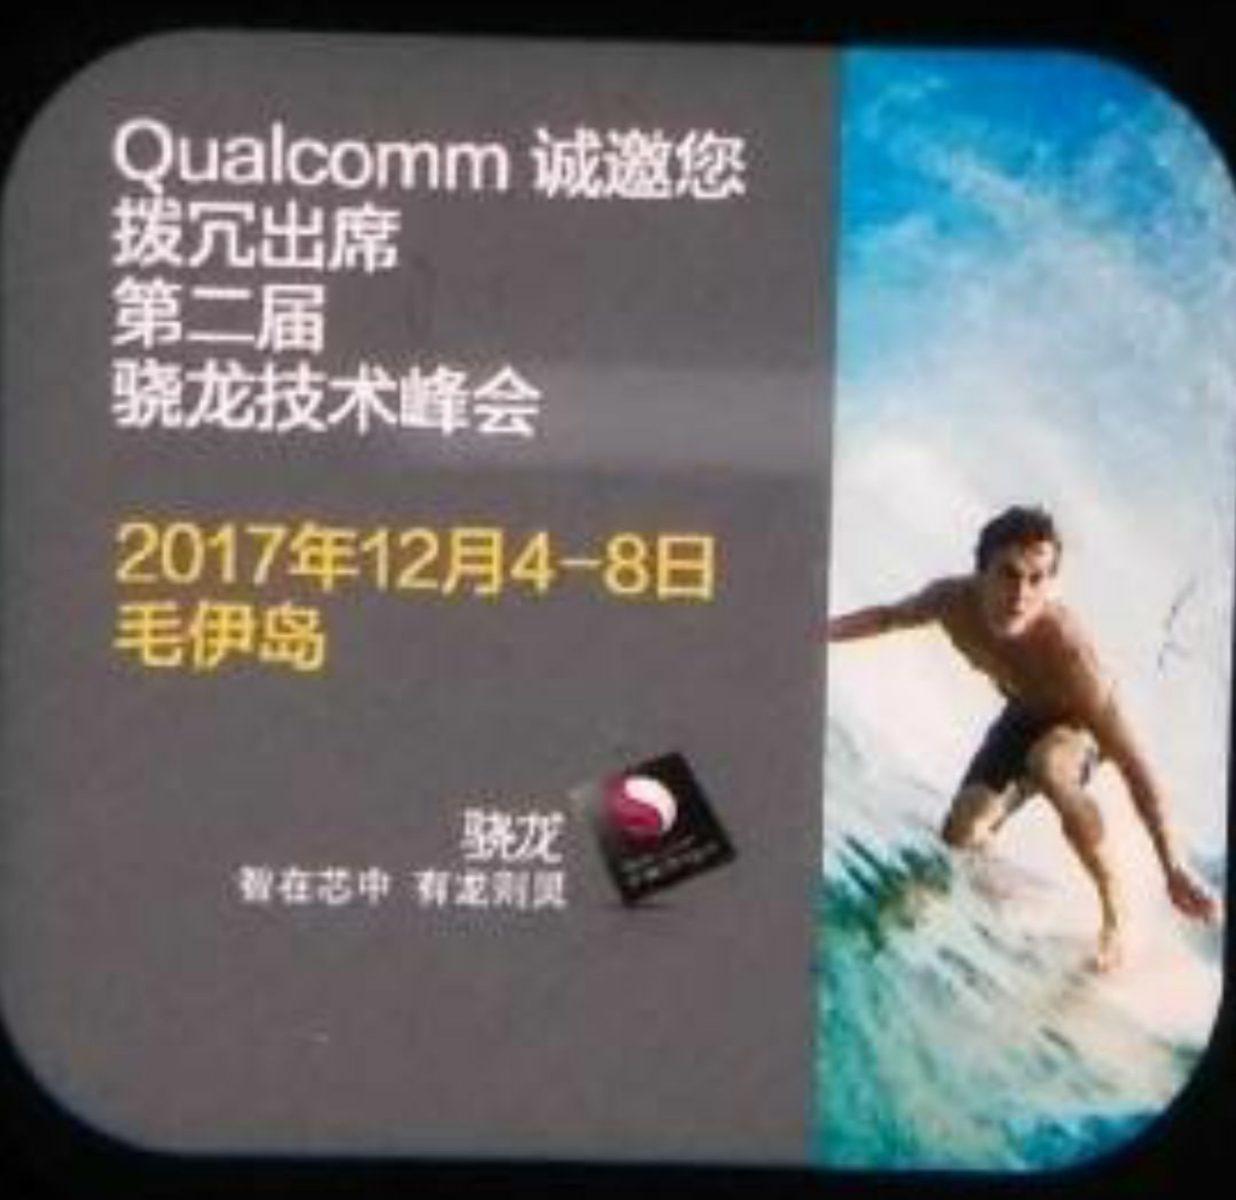 Qualcomm Snapdragon 845 potrebbe essere presentato nei primi giorni di dicembre